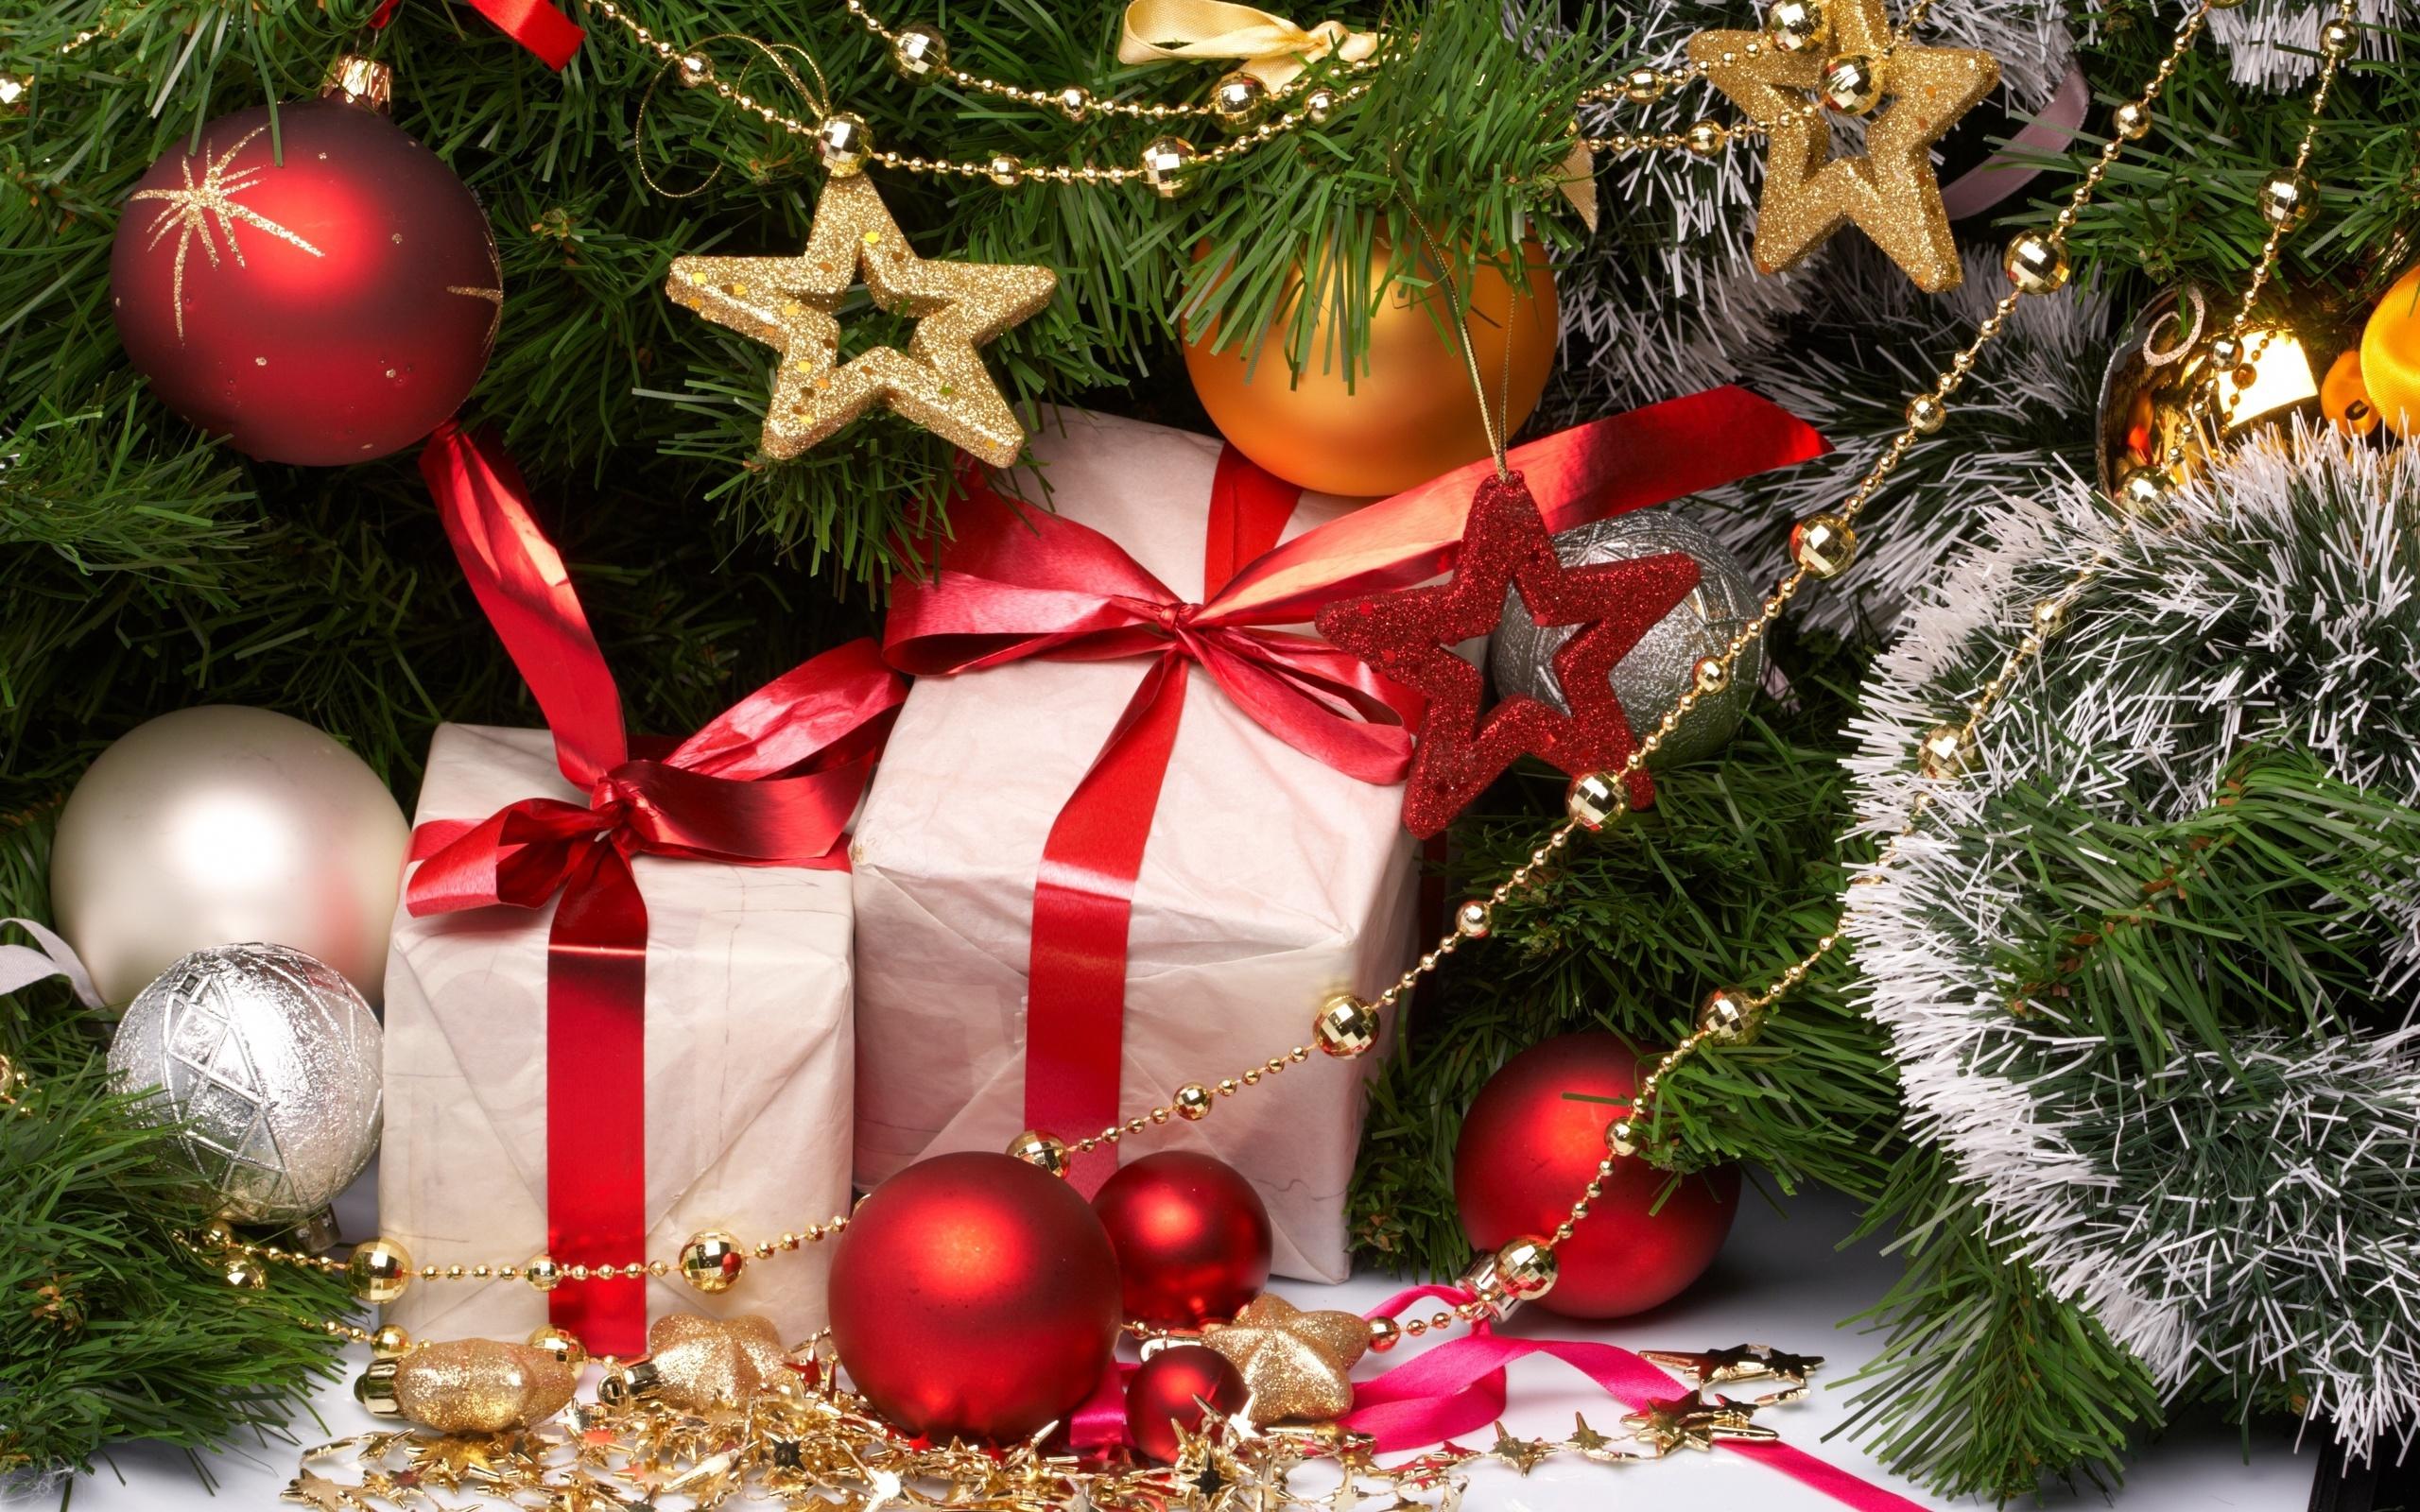 картинки про новогодний праздник днем рождения